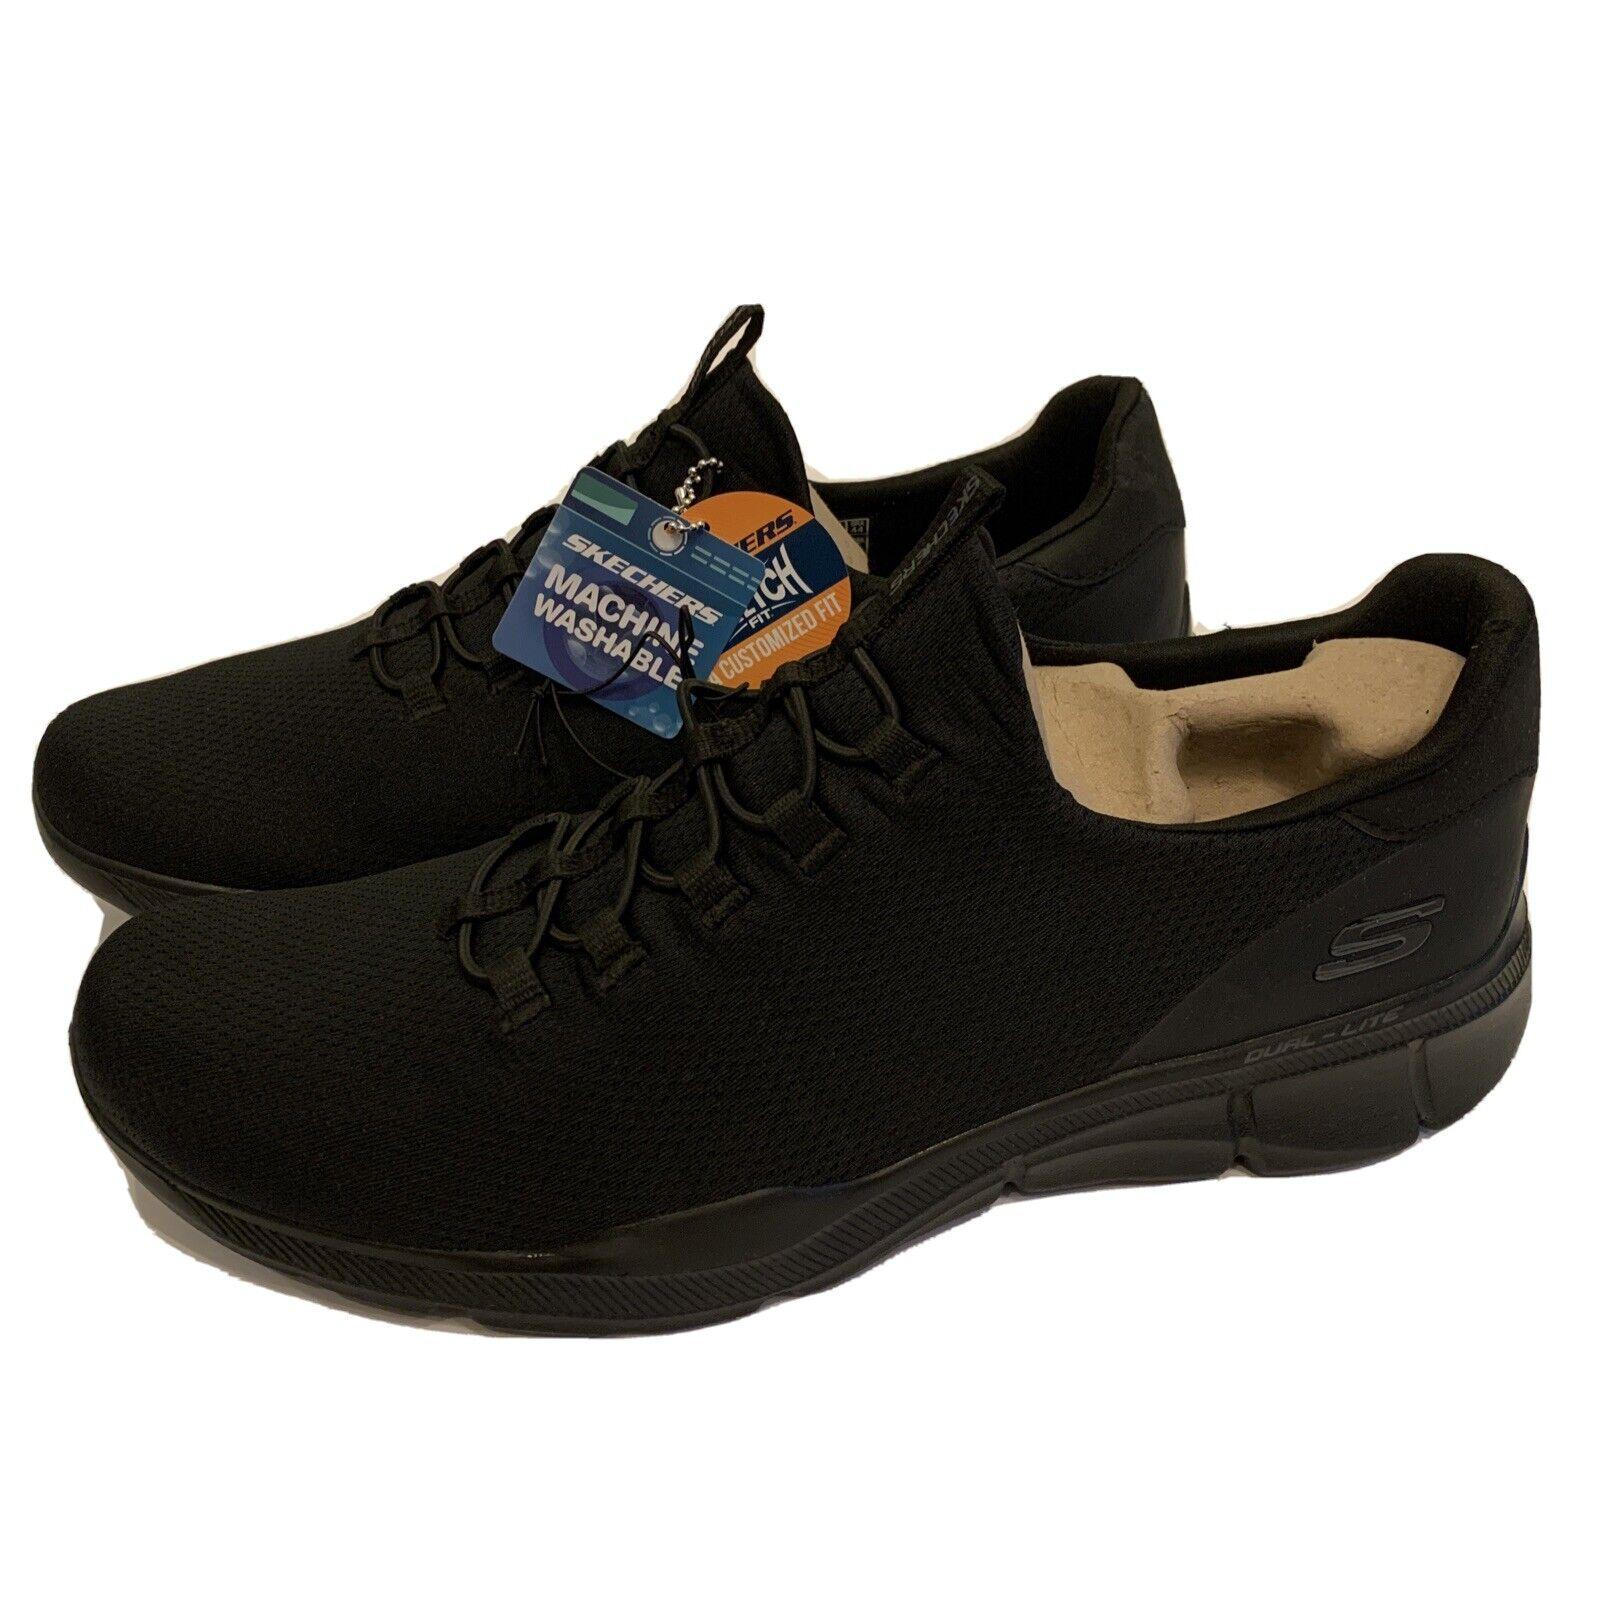 NEW Skechers Equalizer 3.0 Emrick 10.5 Black Slip-on Shoes Comfort Athletic